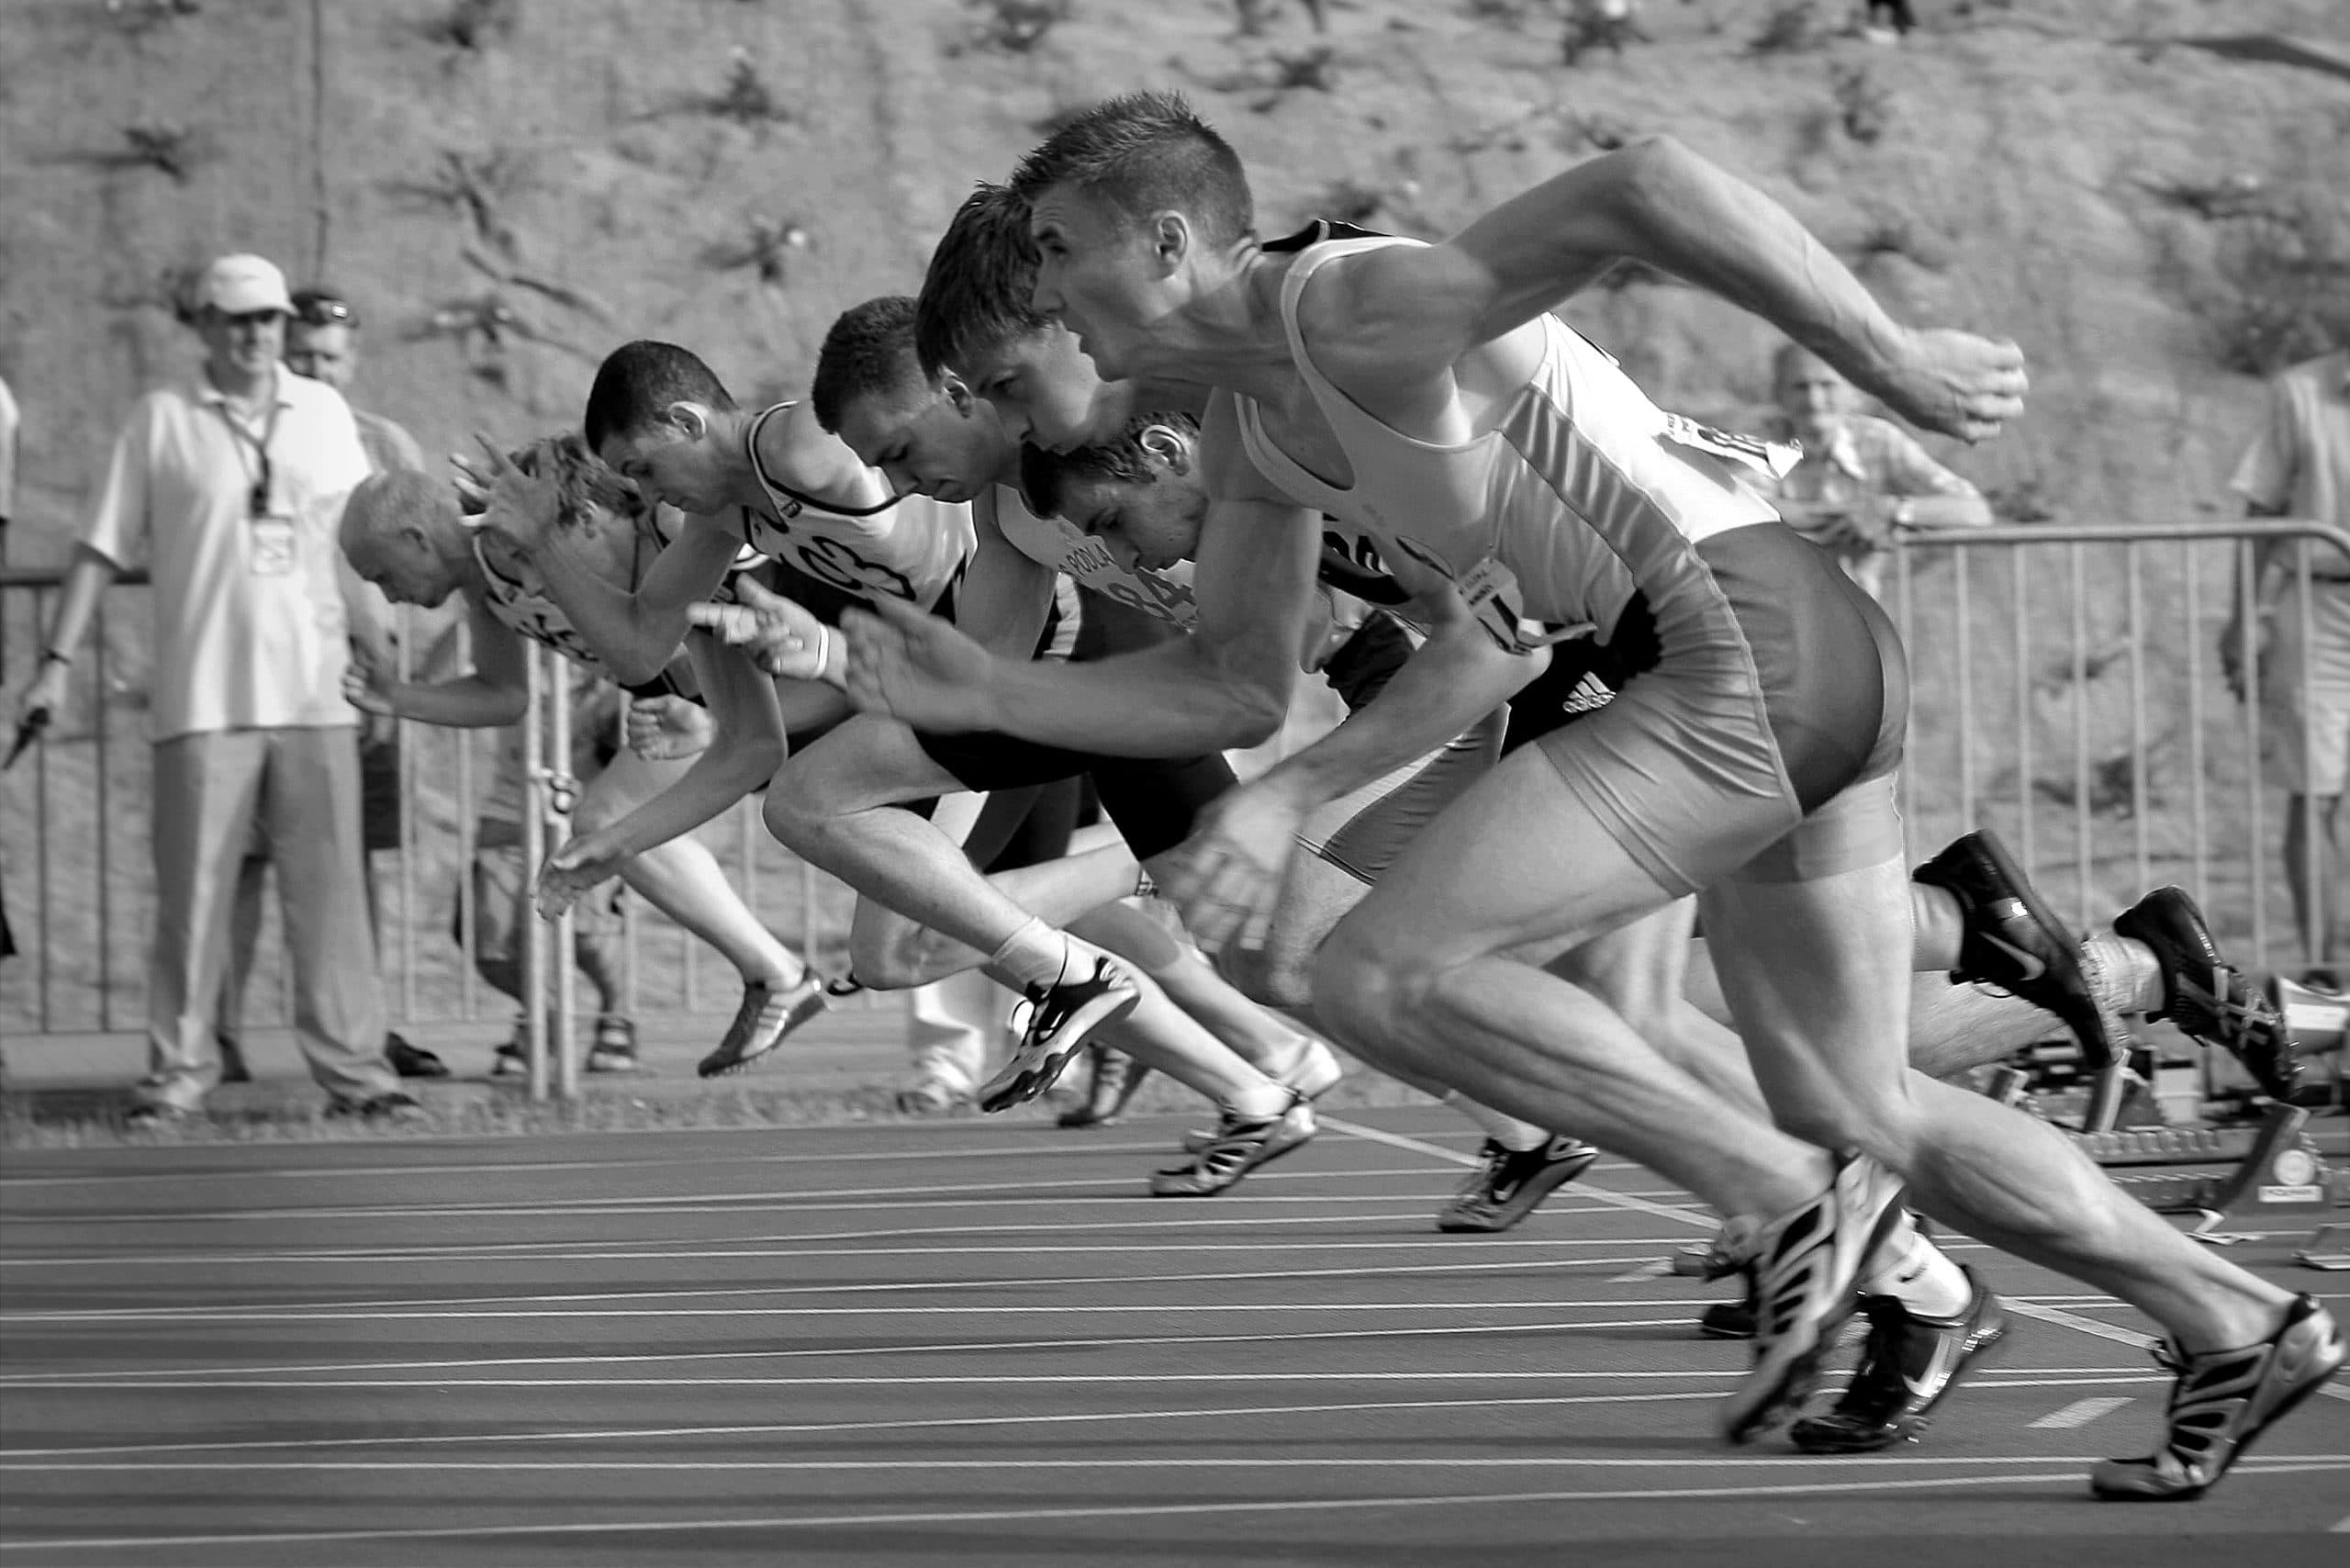 Saída de corredores competindo